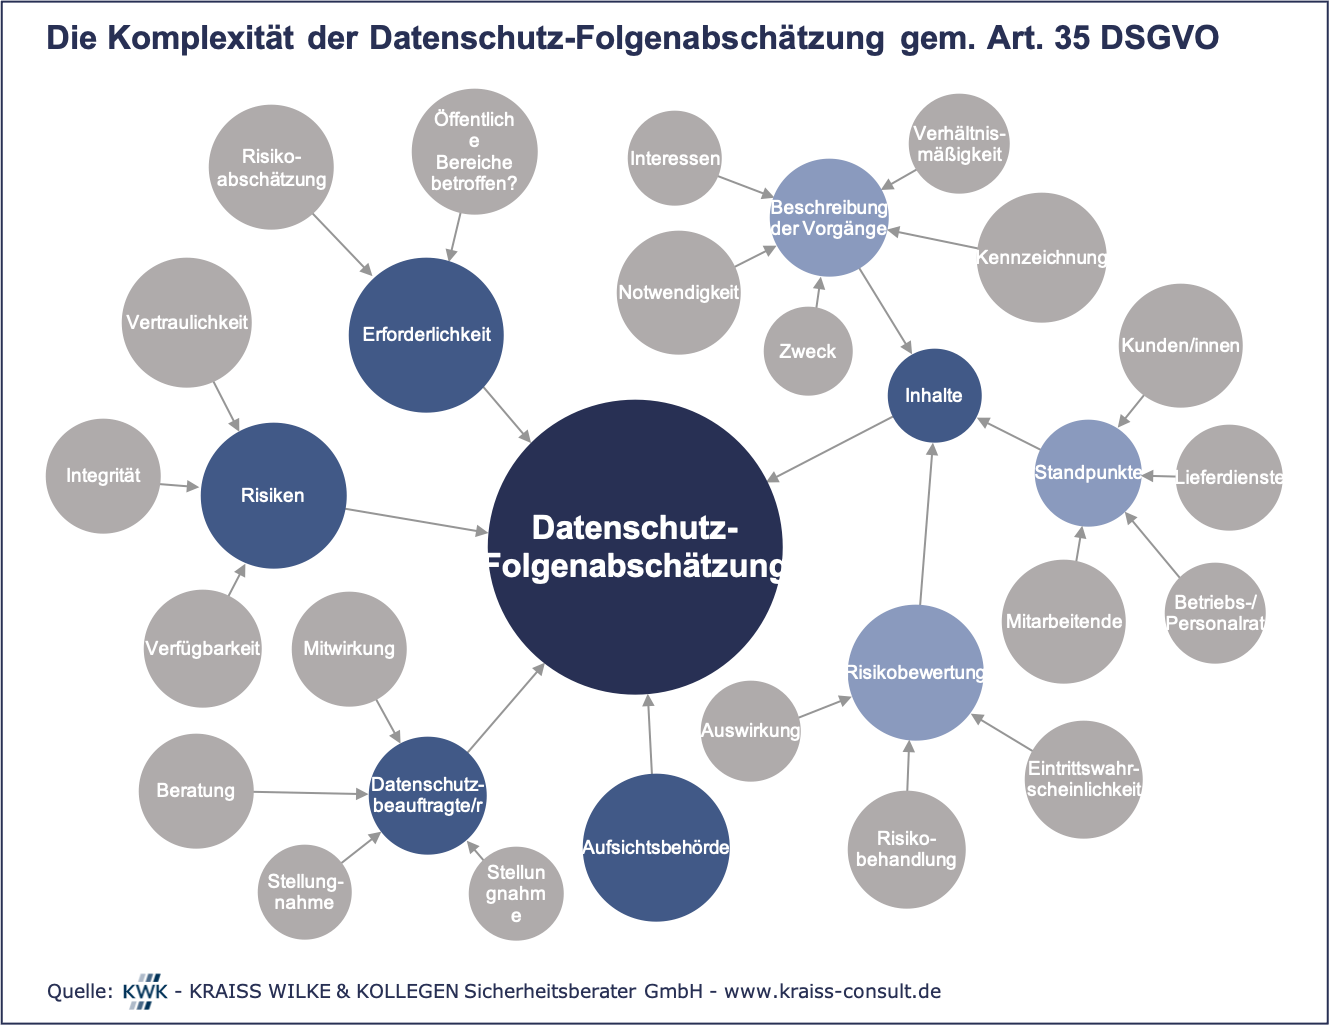 Datenschutz-Folgenabschätzung gem. Art. 35 DSGVO